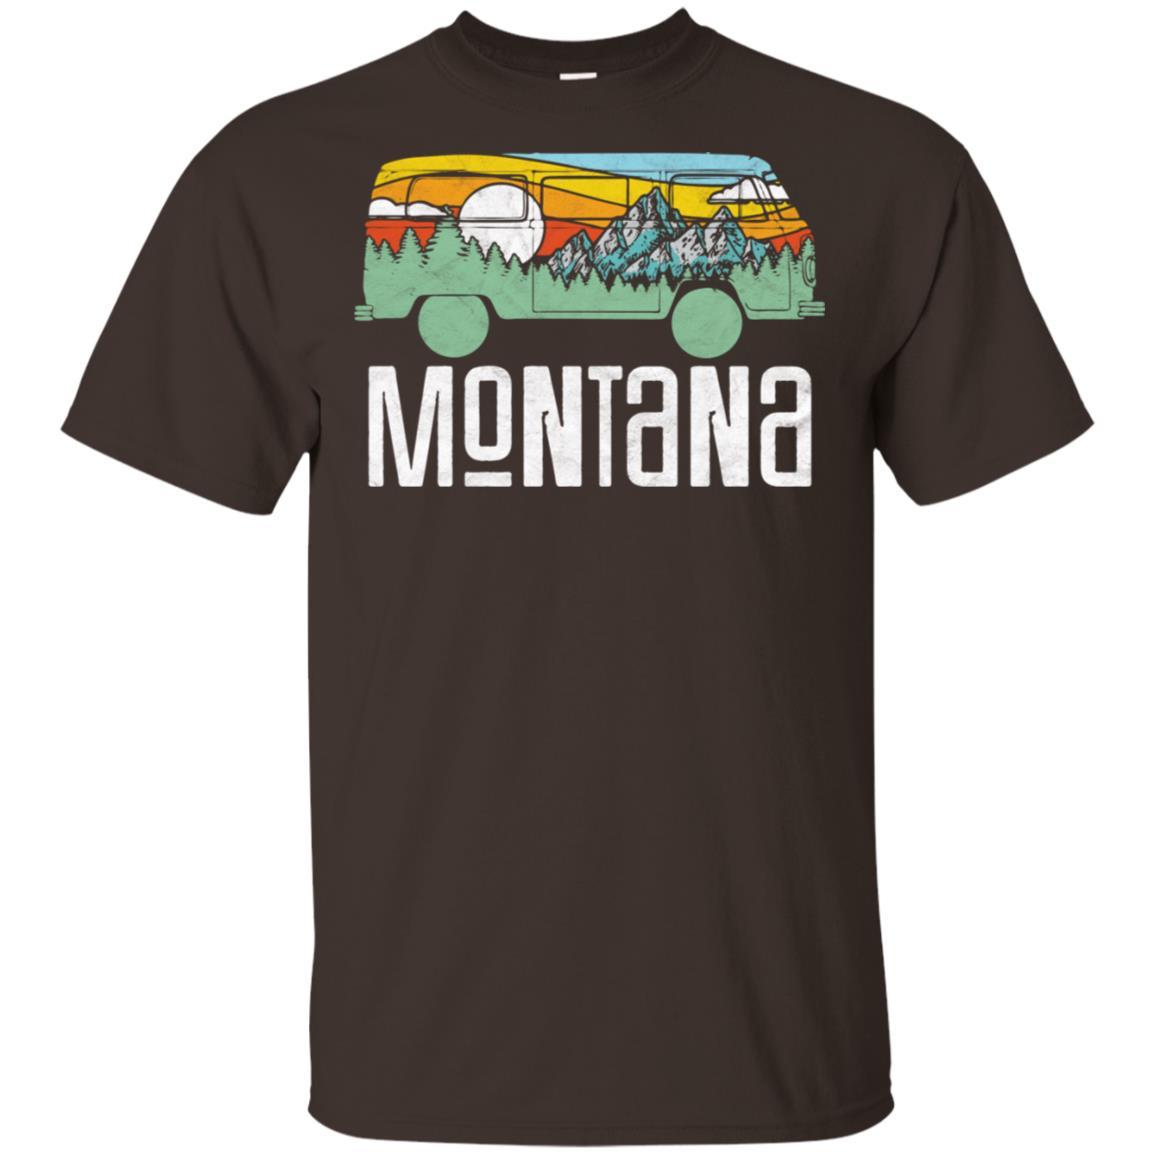 Retro Montana Outdoor Hippie Van Nature Unisex Short Sleeve